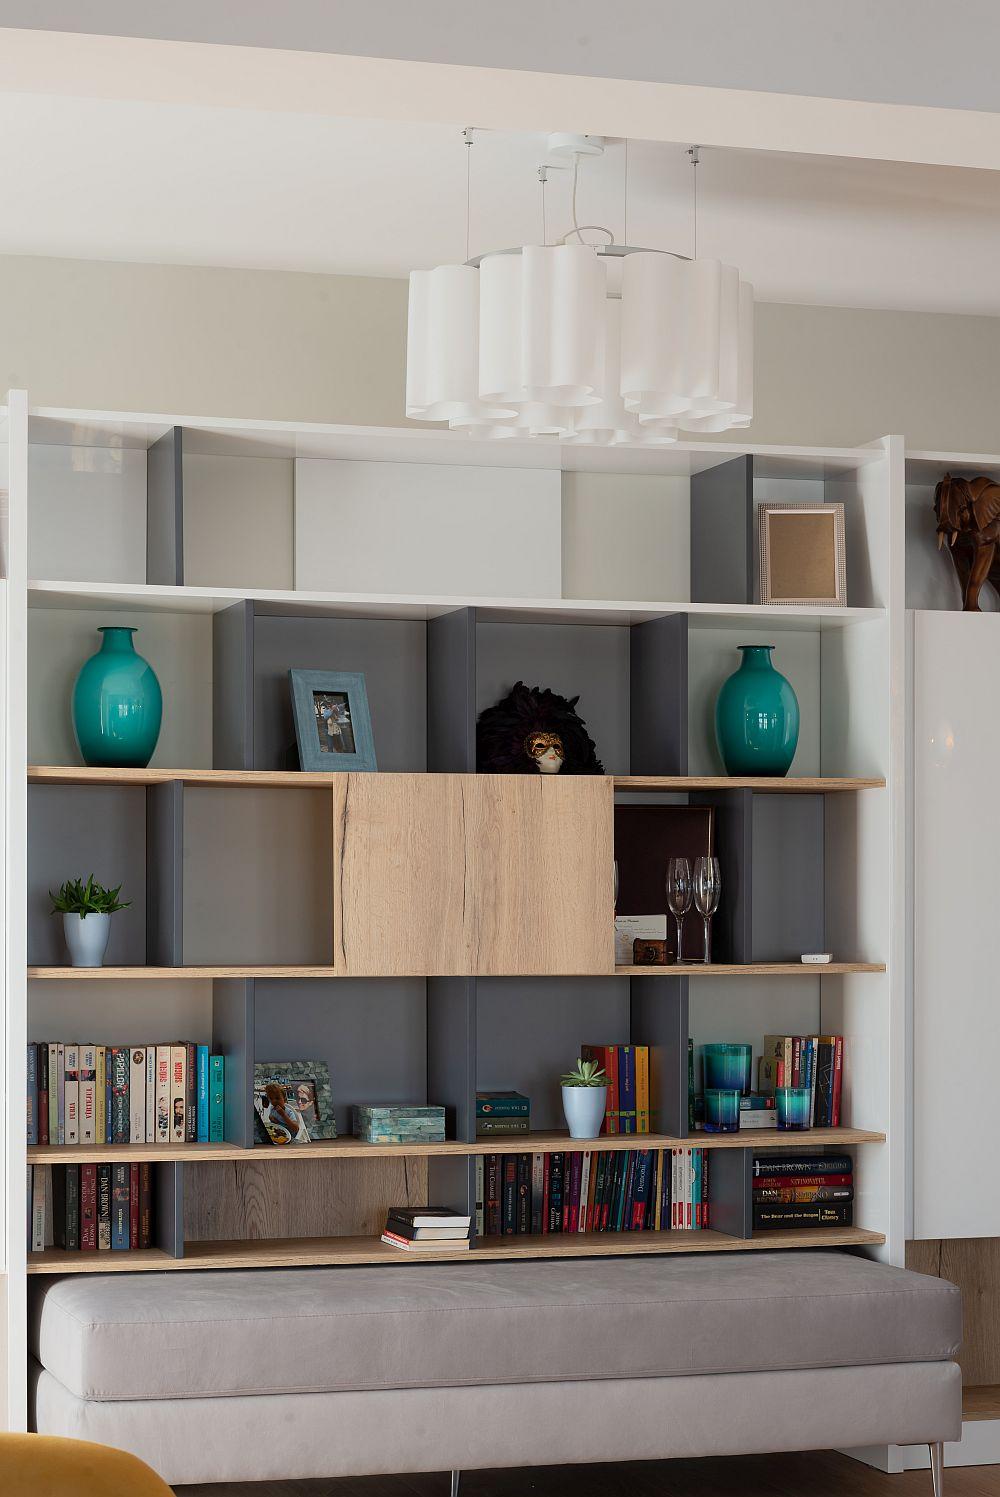 Materialele folosite pentru mobila bibliotecii sunt similare celor folosite în bucătărie, având în vedere faptul că sunt prezente în același spațiu care comunică deschis.